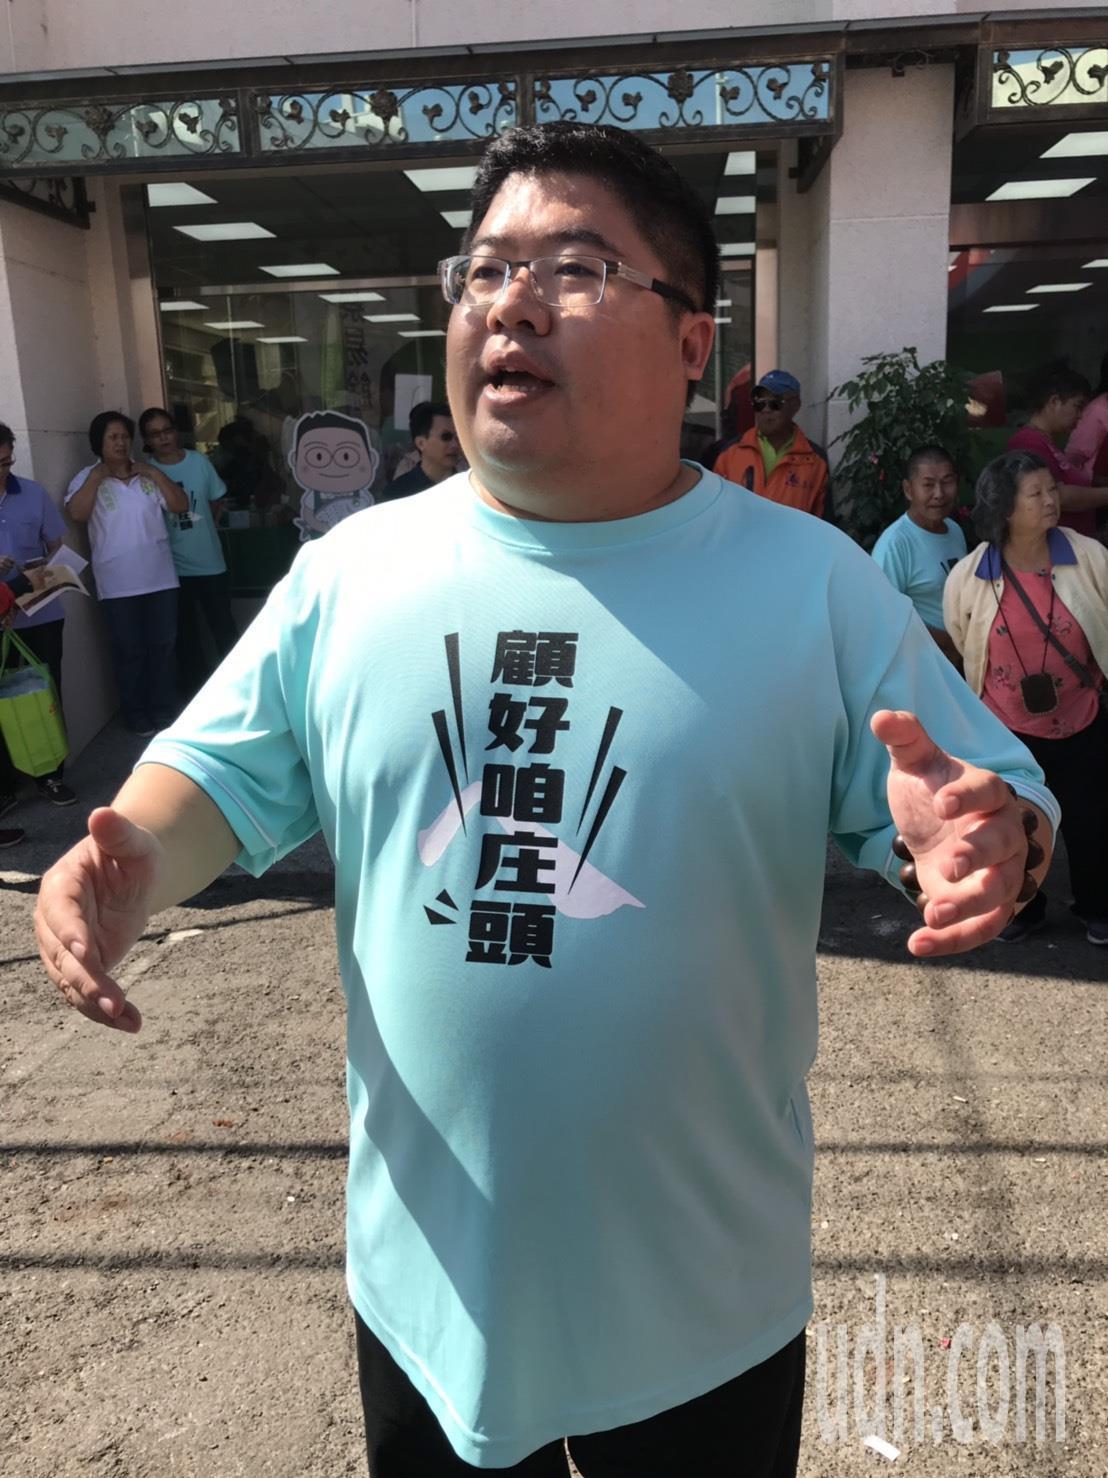 民進黨立委蔡易餘力挺蔡英文總統今宣布蔡賴配。記者黃晴雯/攝影